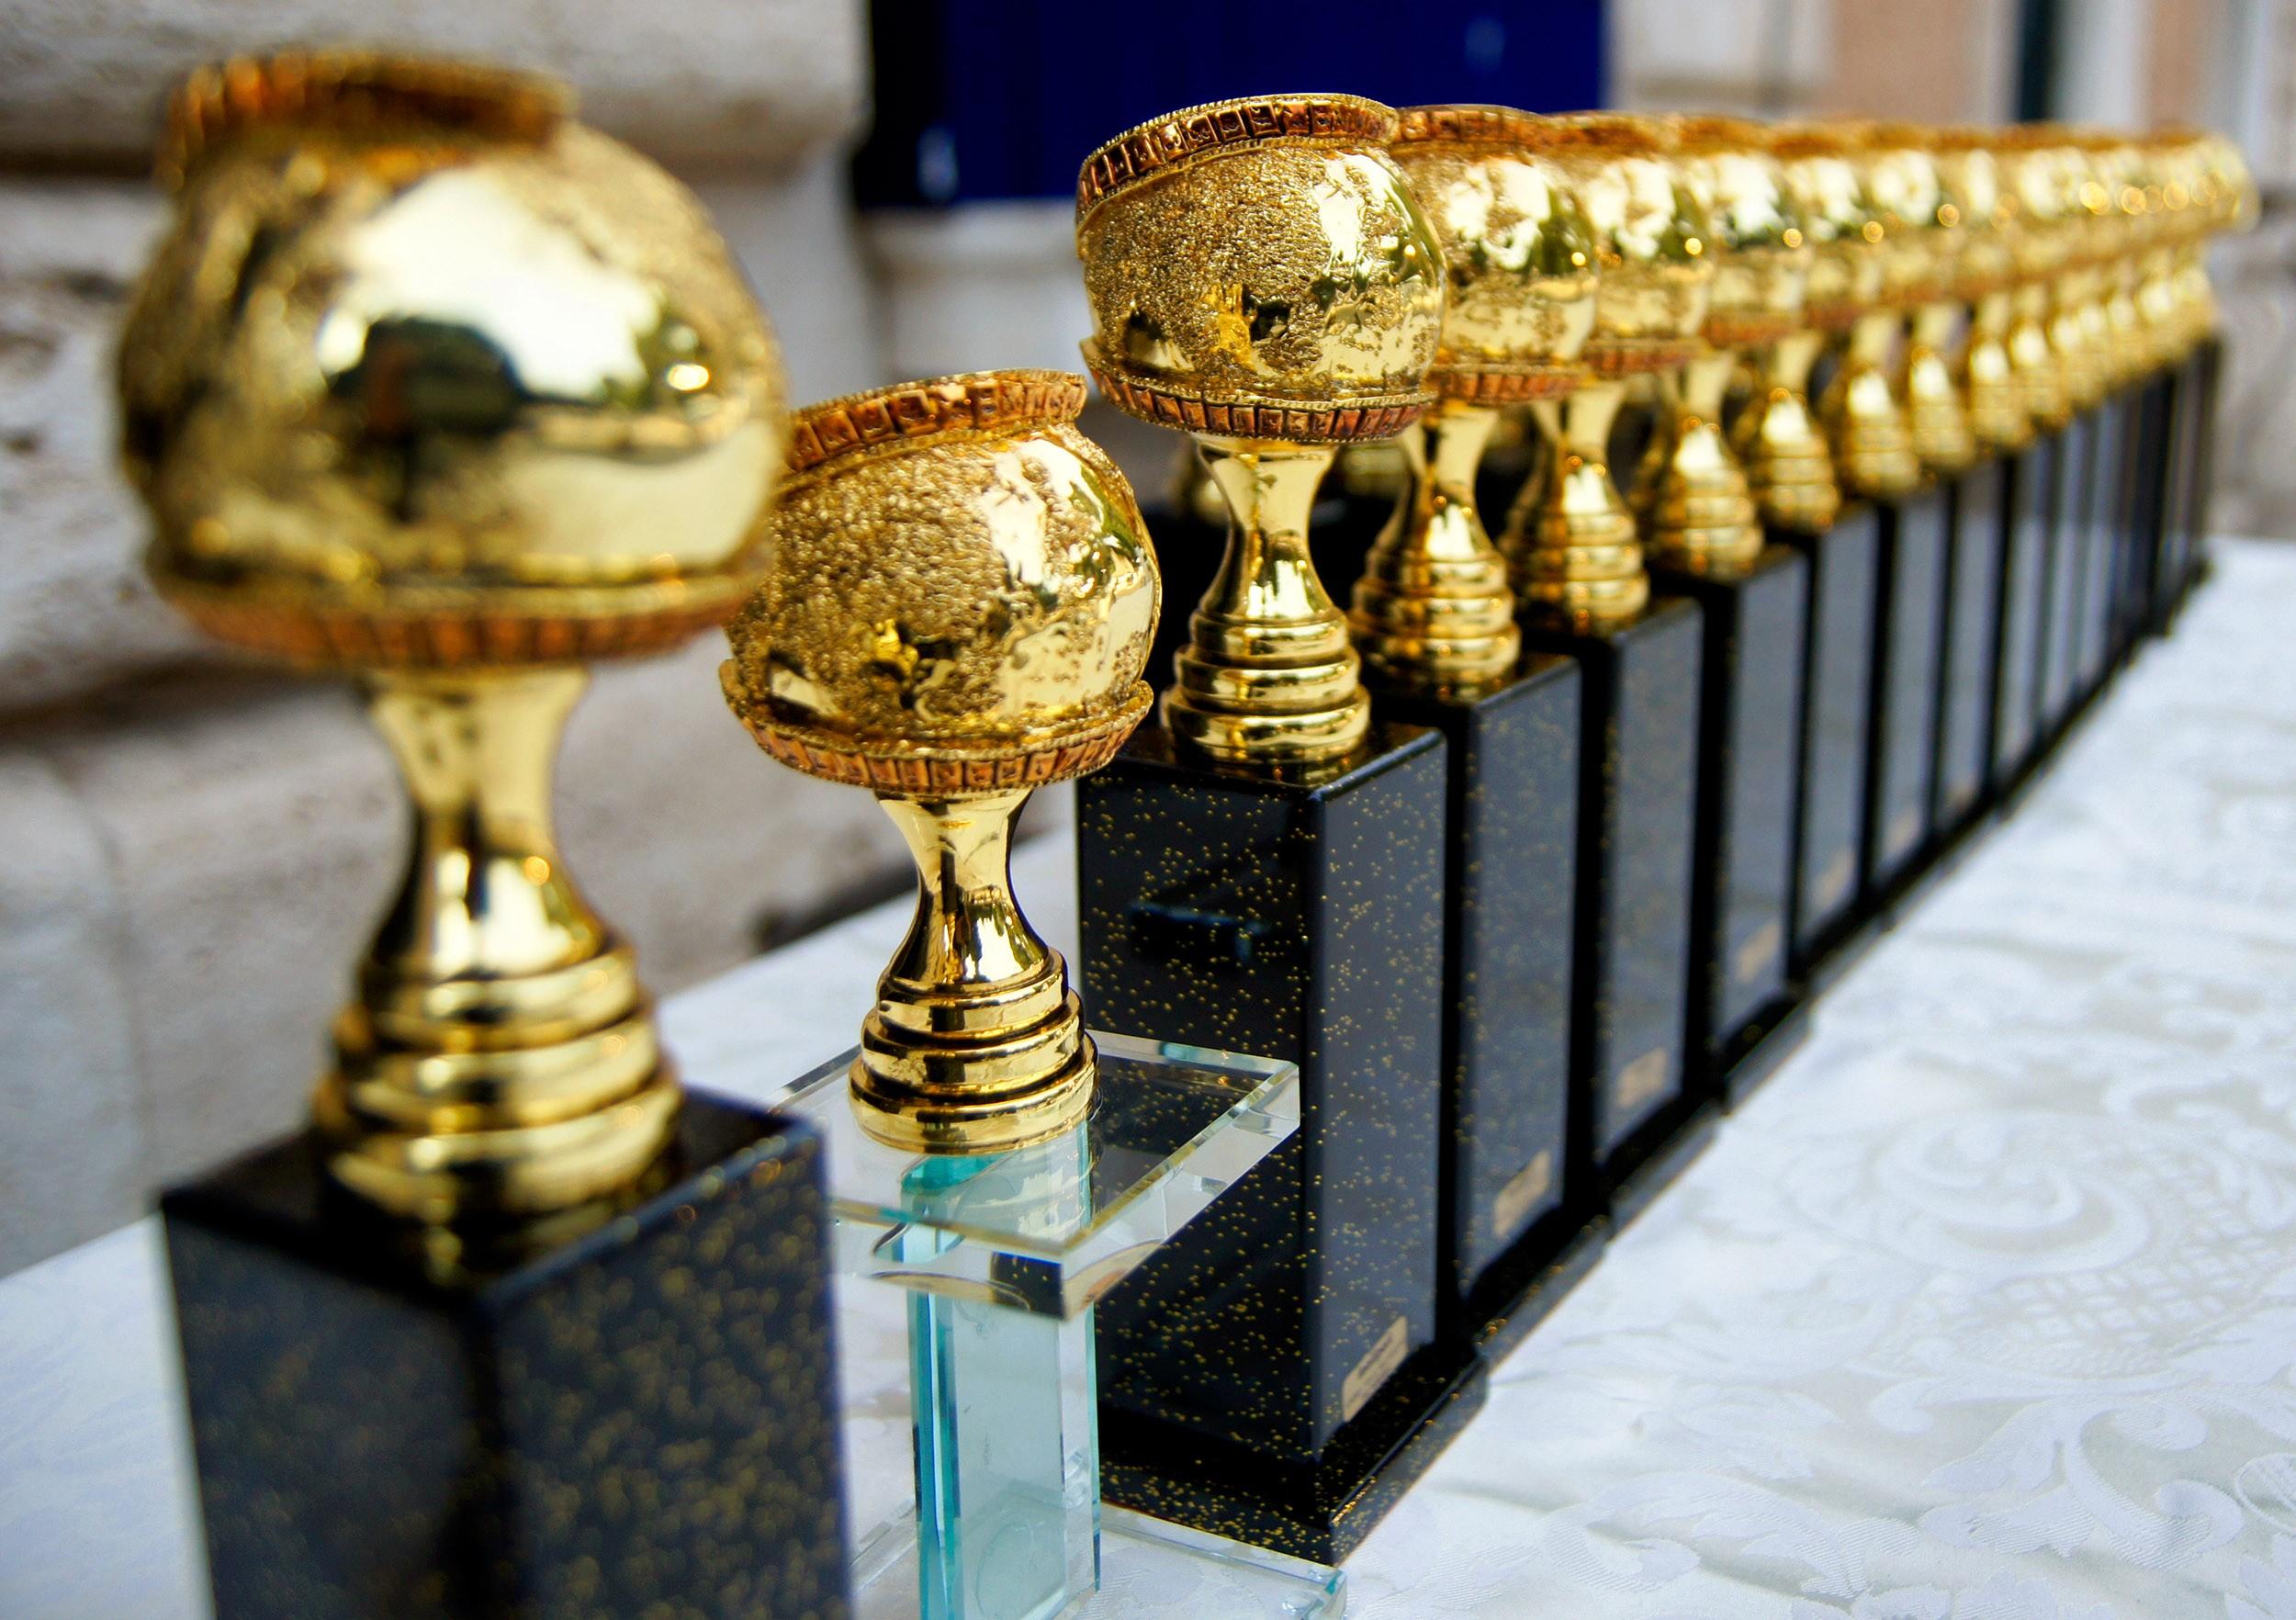 globi d'oro 2019 nomination zerkalo spettacolo